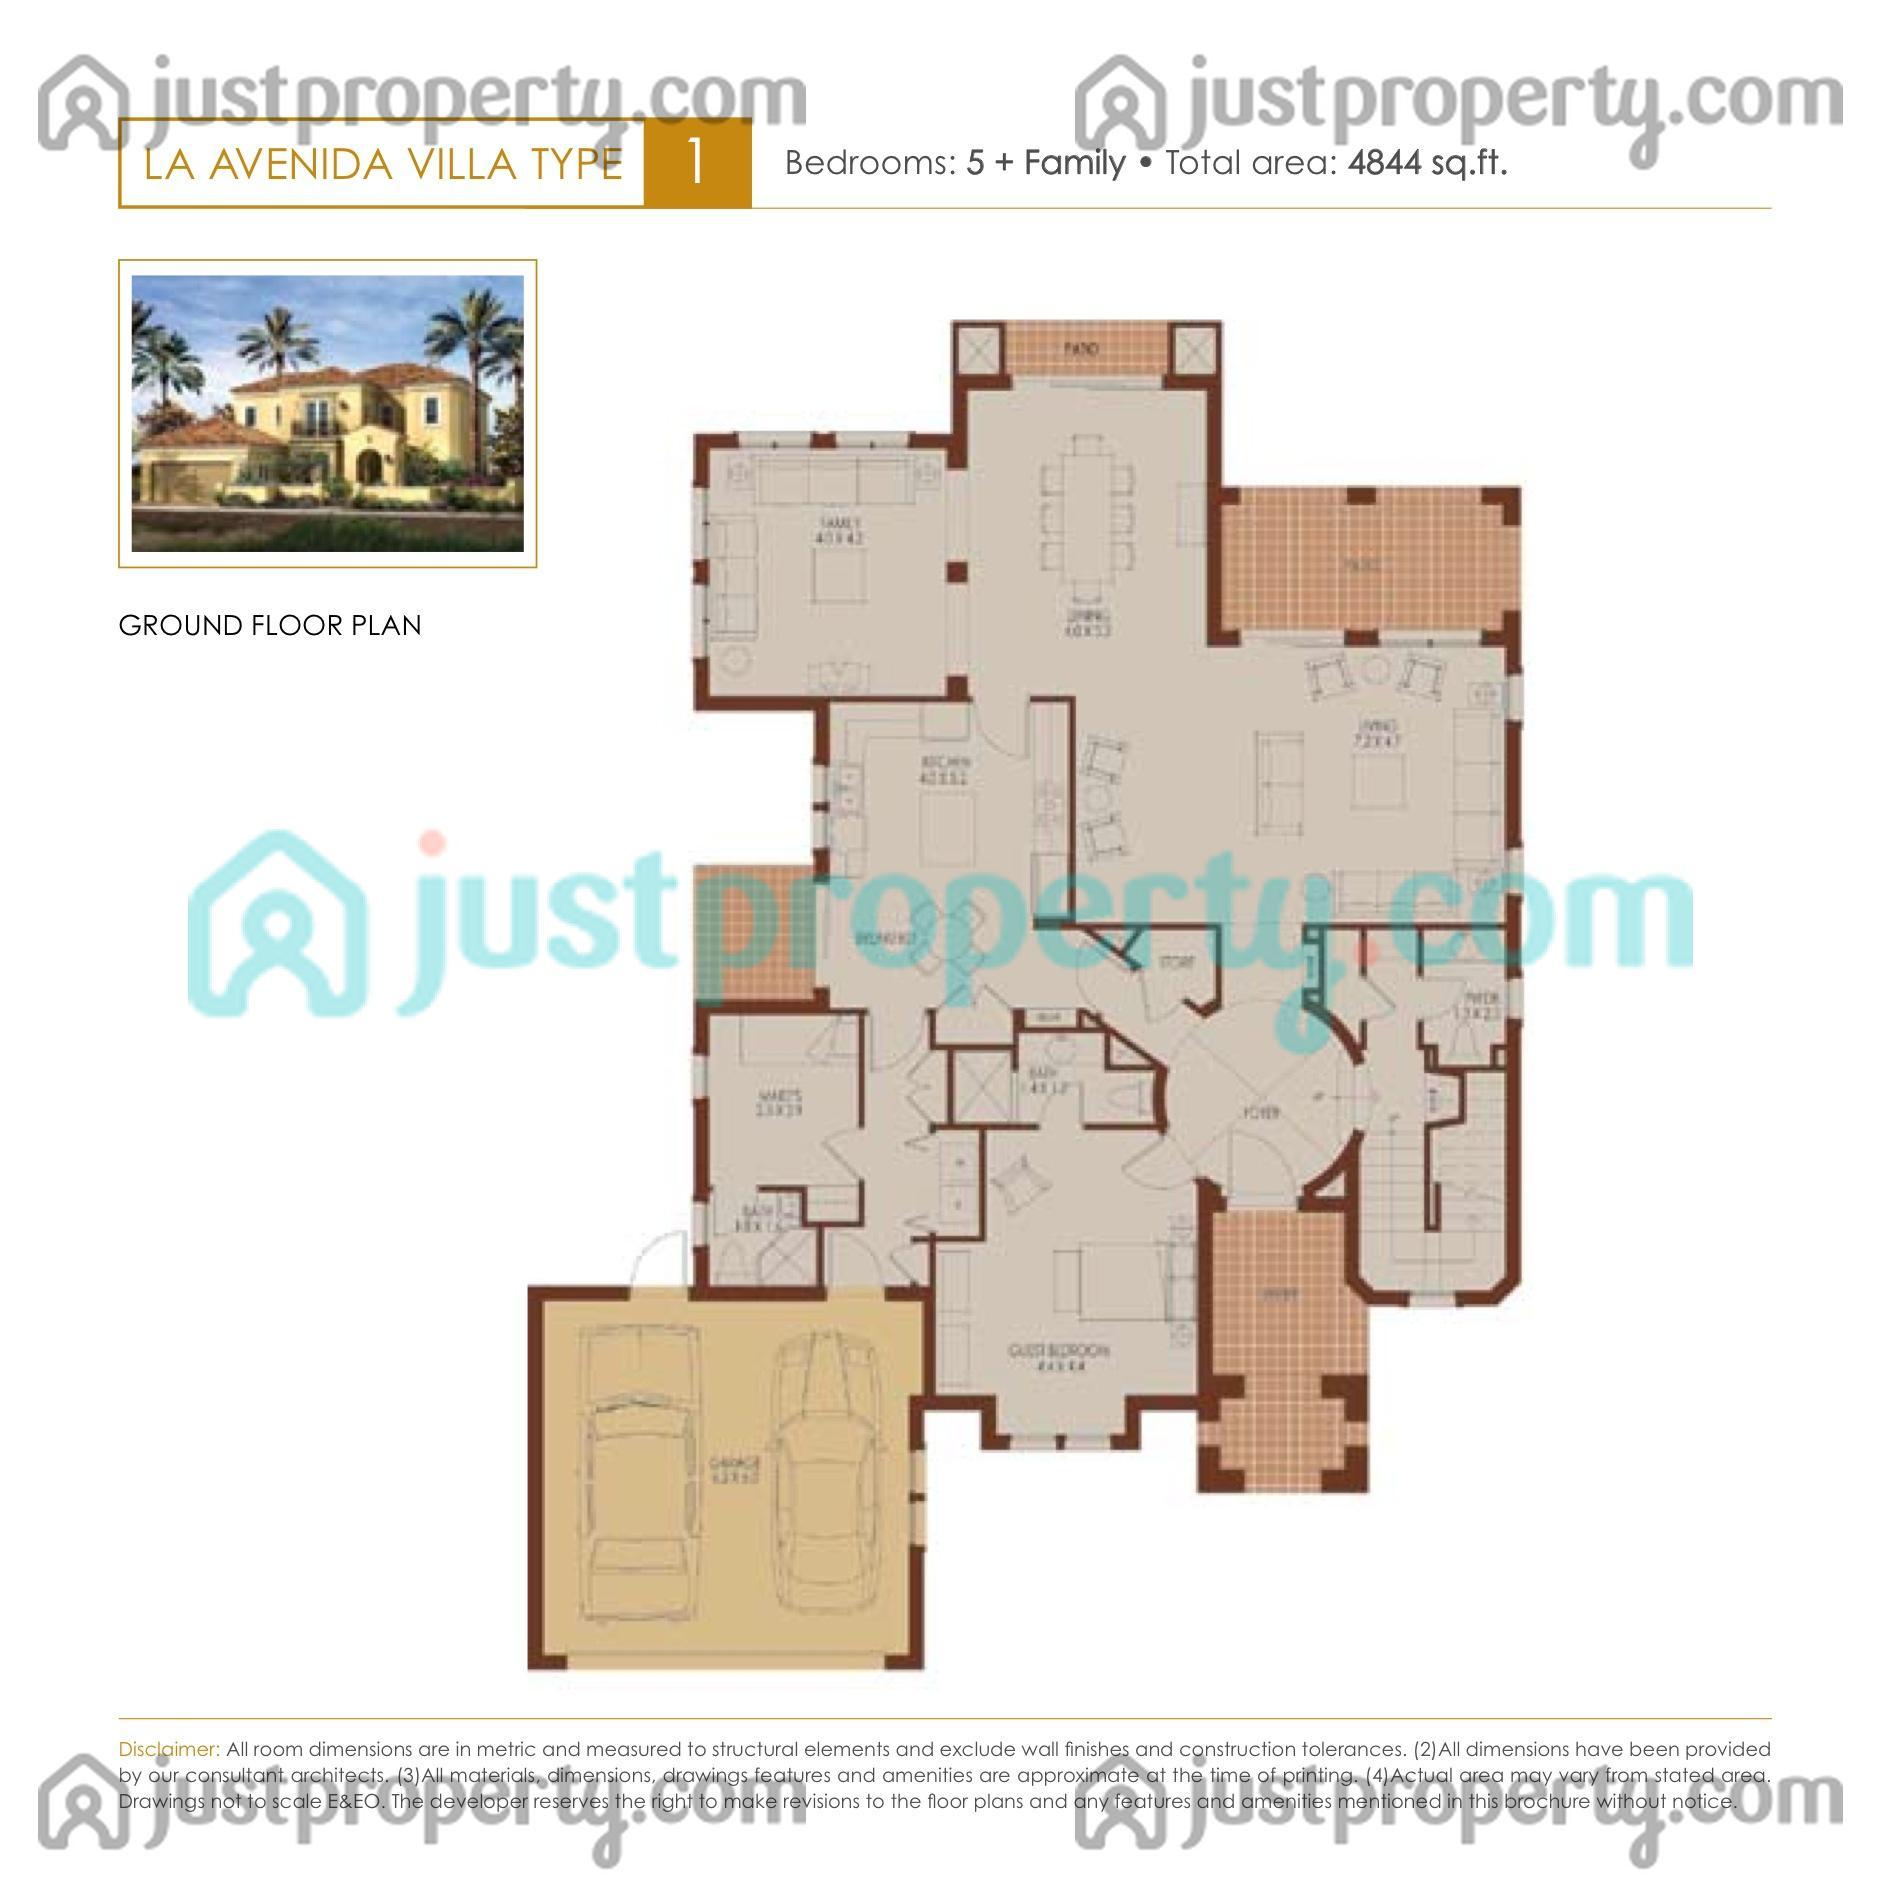 La avenida 1 floor plans for 5br house plans